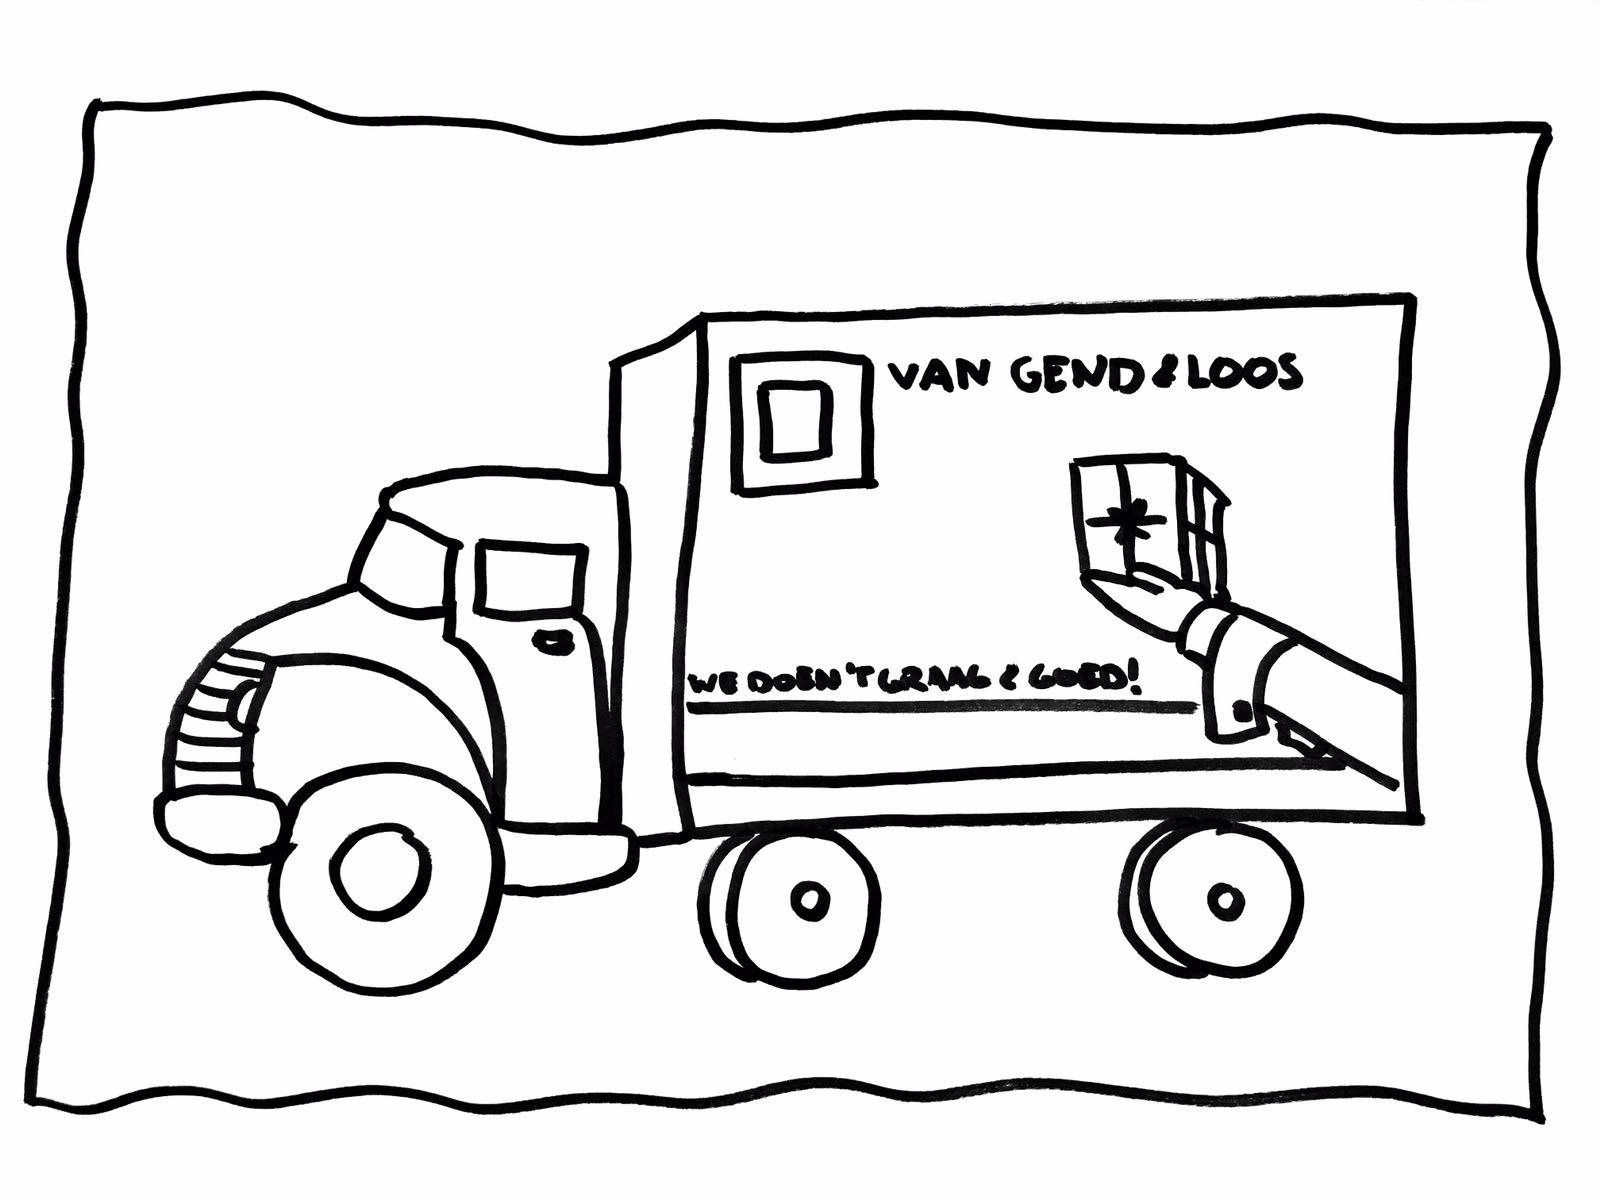 Van Gend en Loos: ECJ, Case 26/62, 1963, preliminary